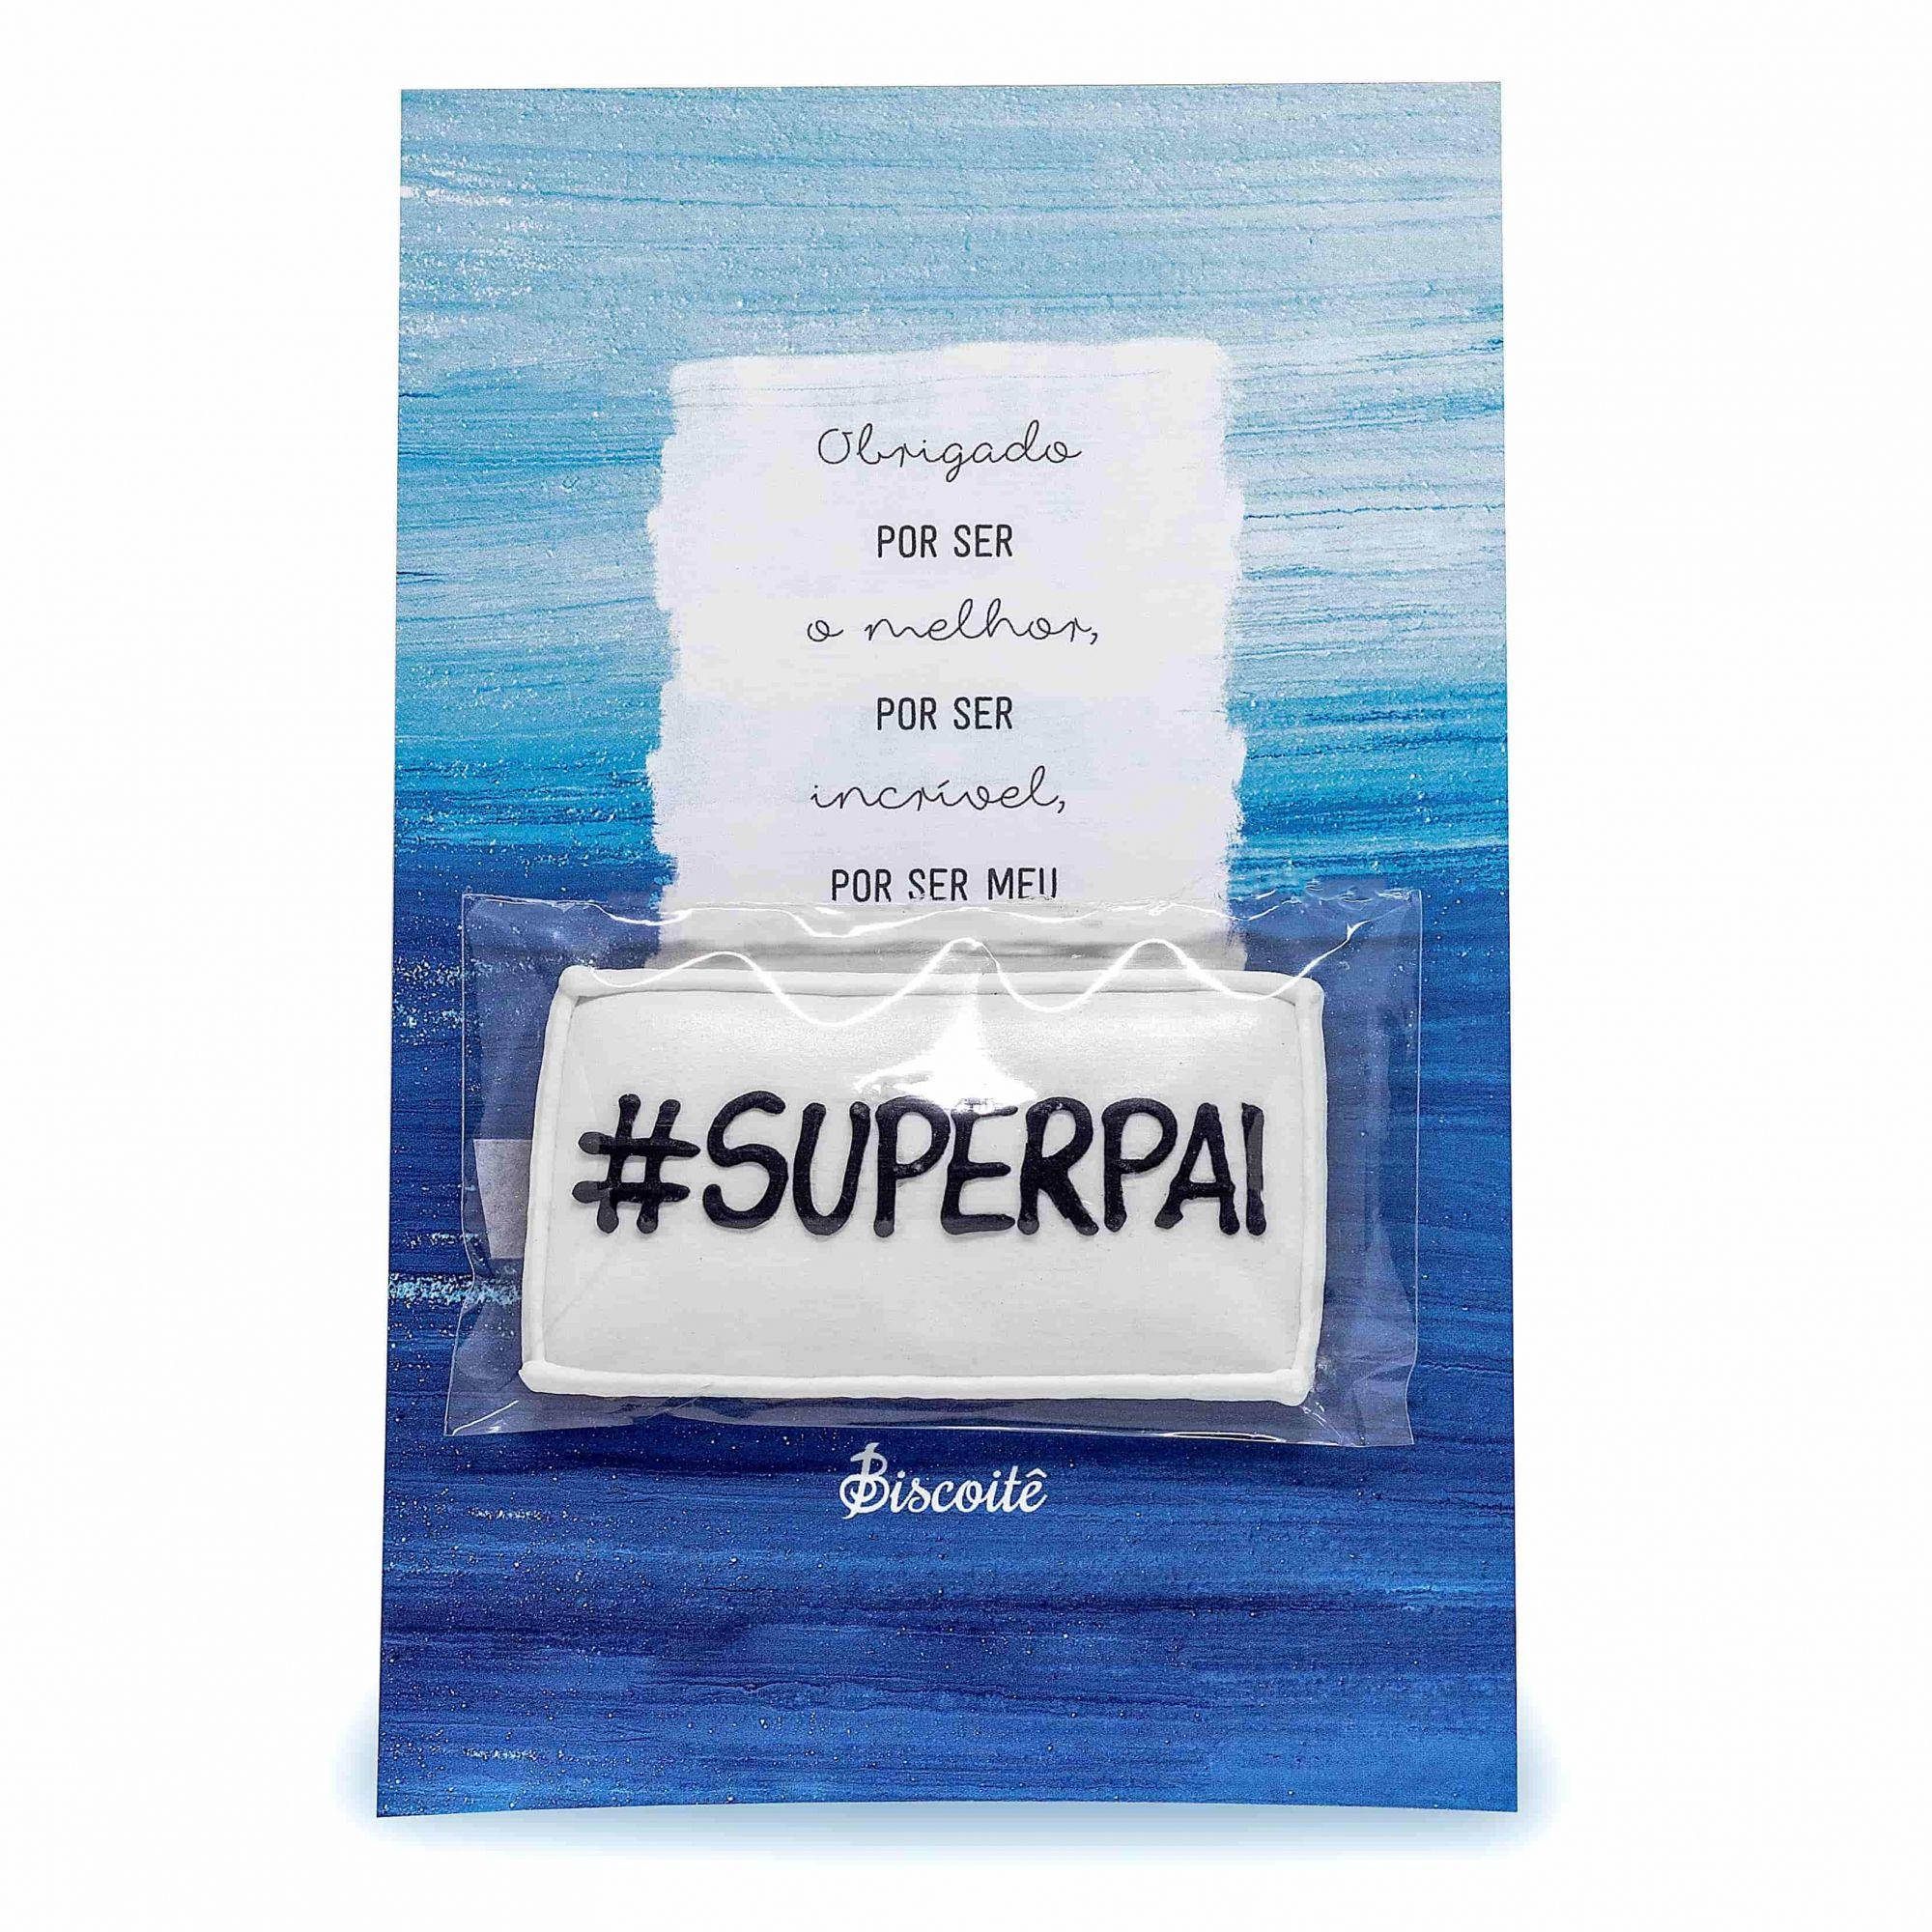 Cartão biscoito #SUPERPAI